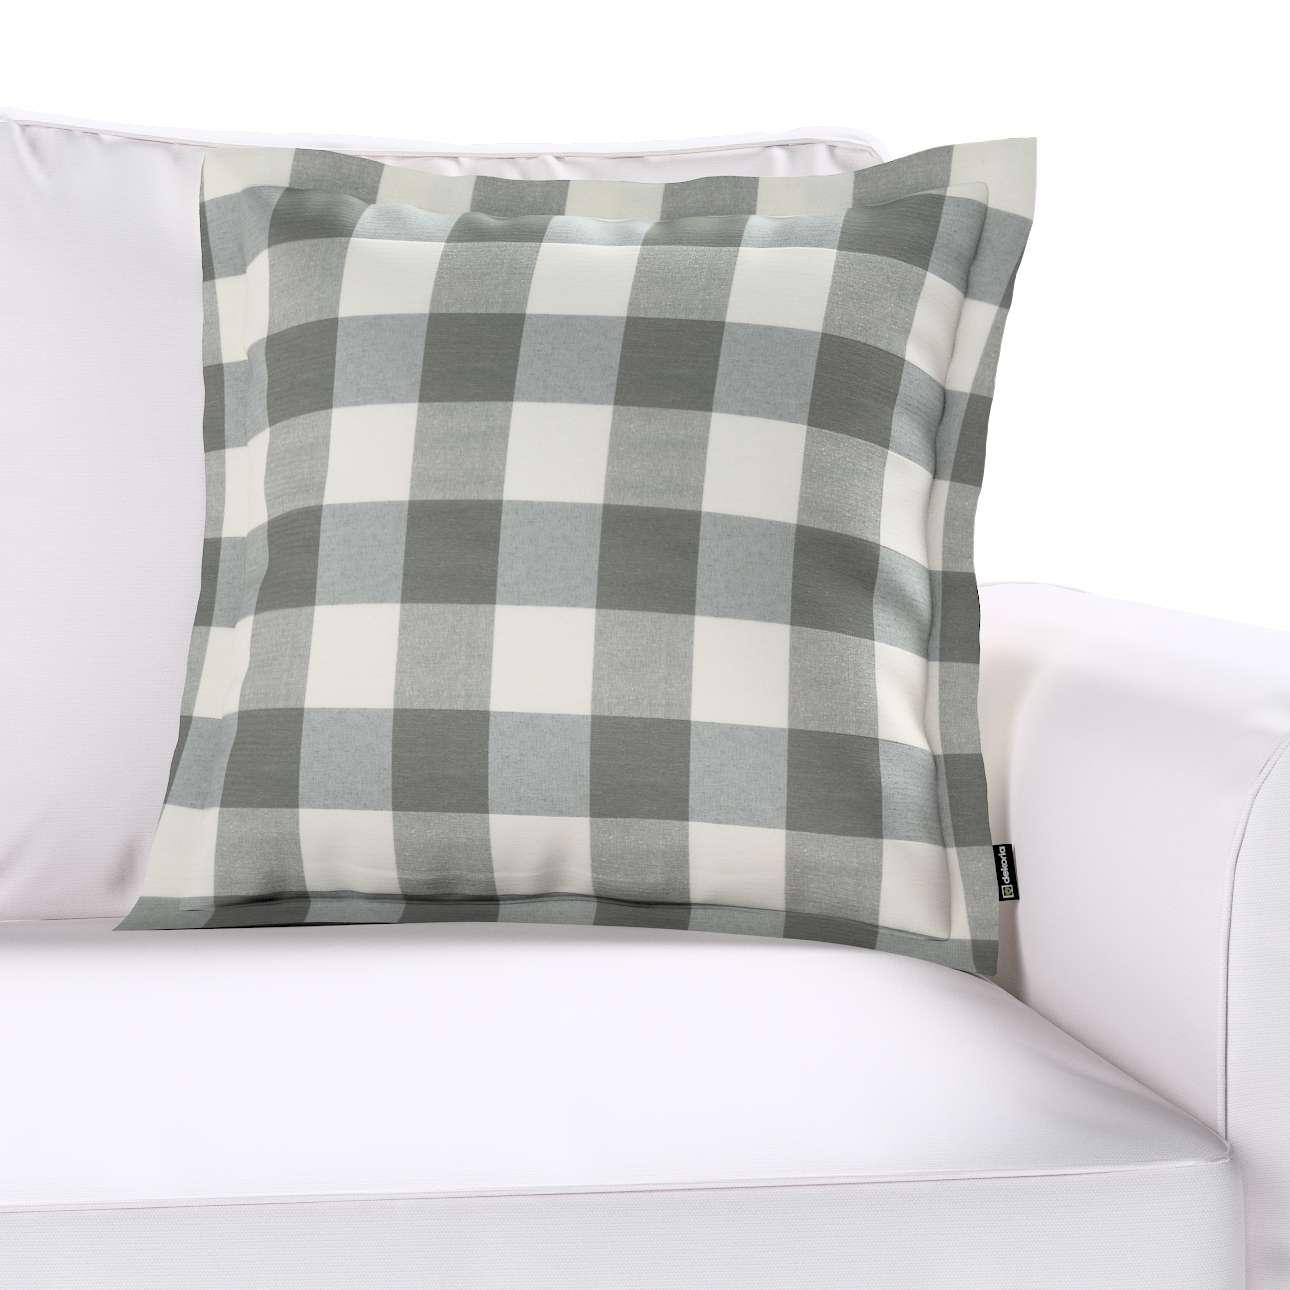 Poszewka Mona na poduszkę 45x45 cm w kolekcji Quadro, tkanina: 136-13